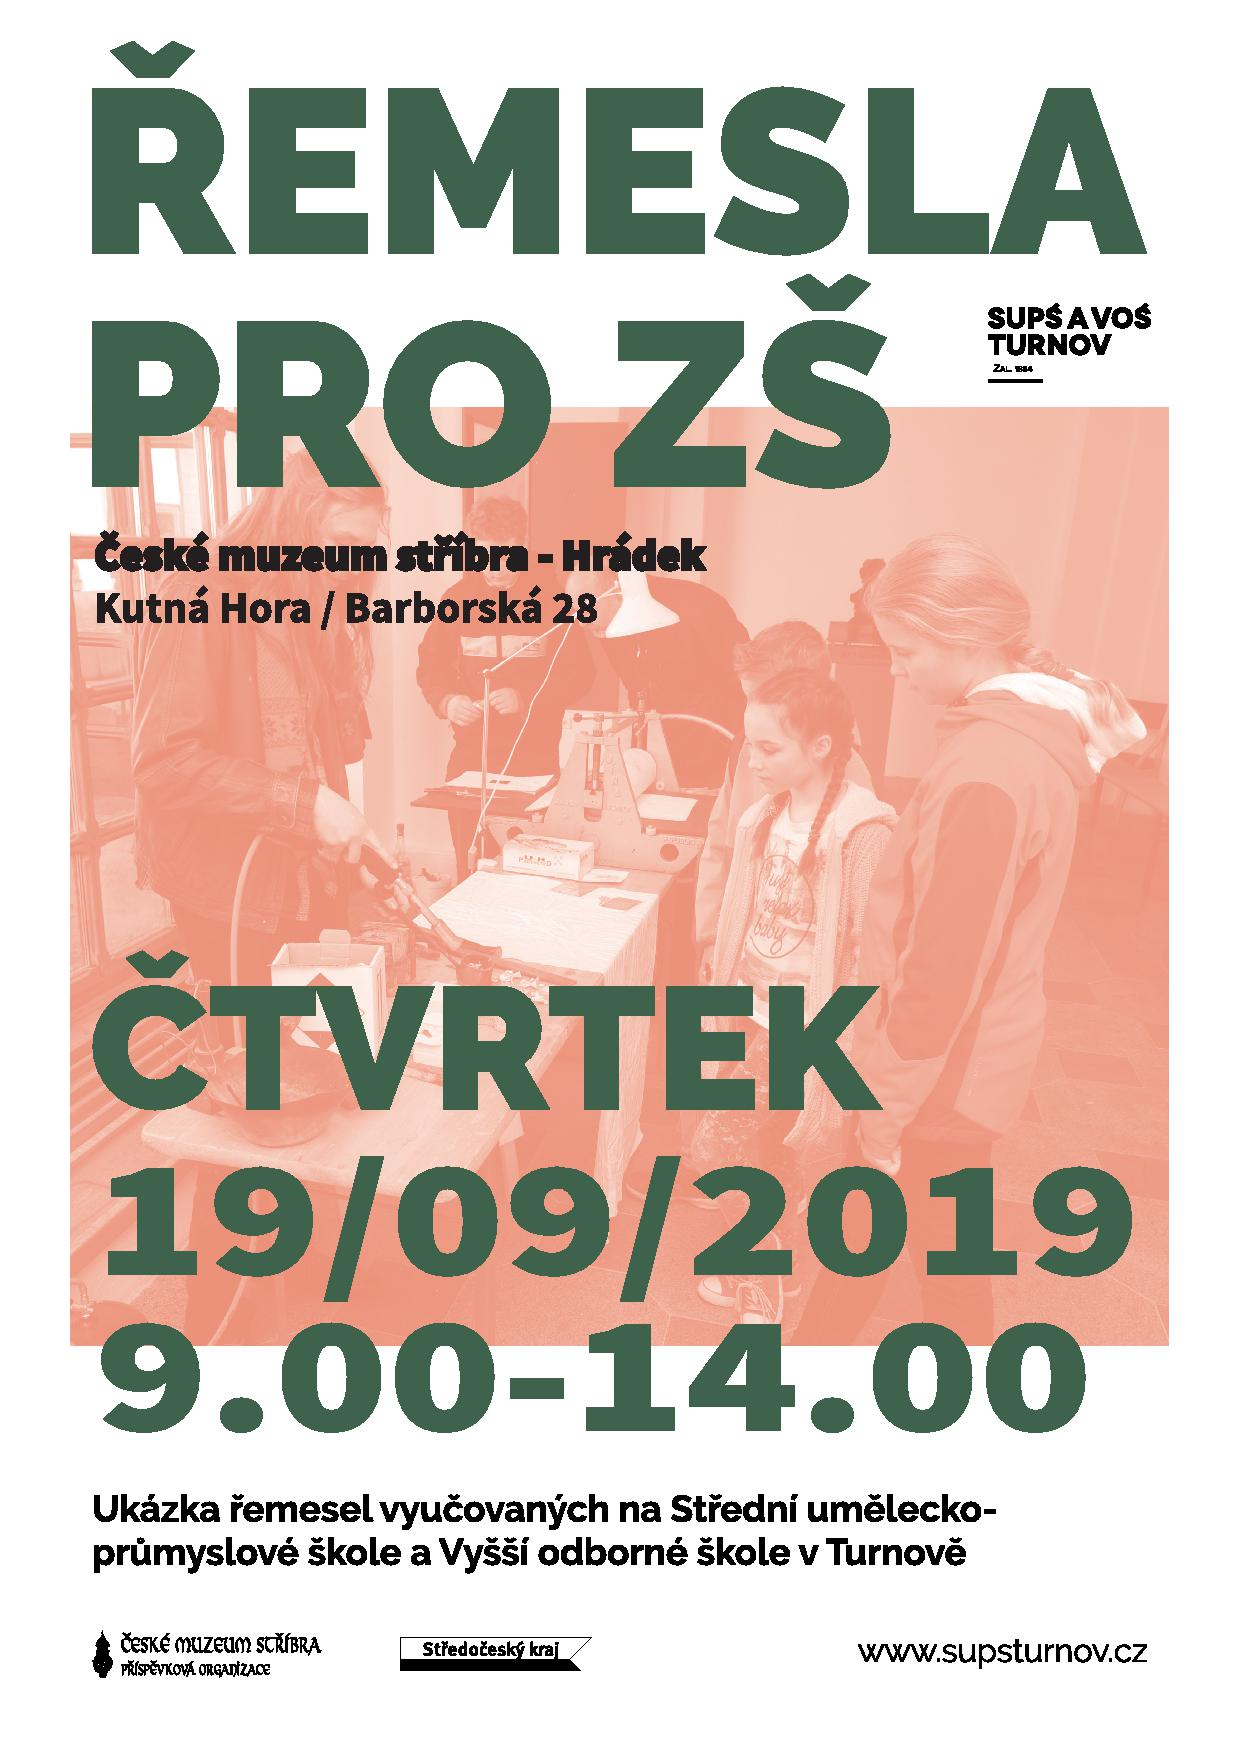 6629-remesla-pro-zs-2019.jpg